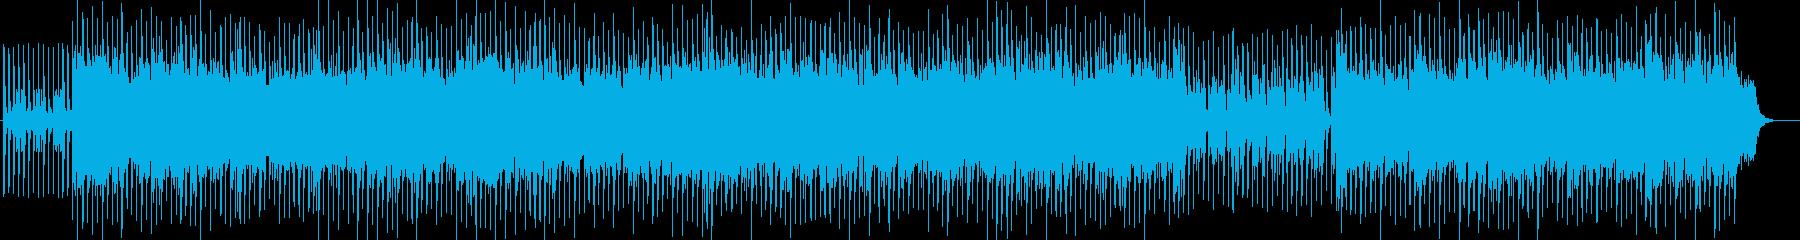 90's渋谷系ソウルミュージックおしゃれの再生済みの波形